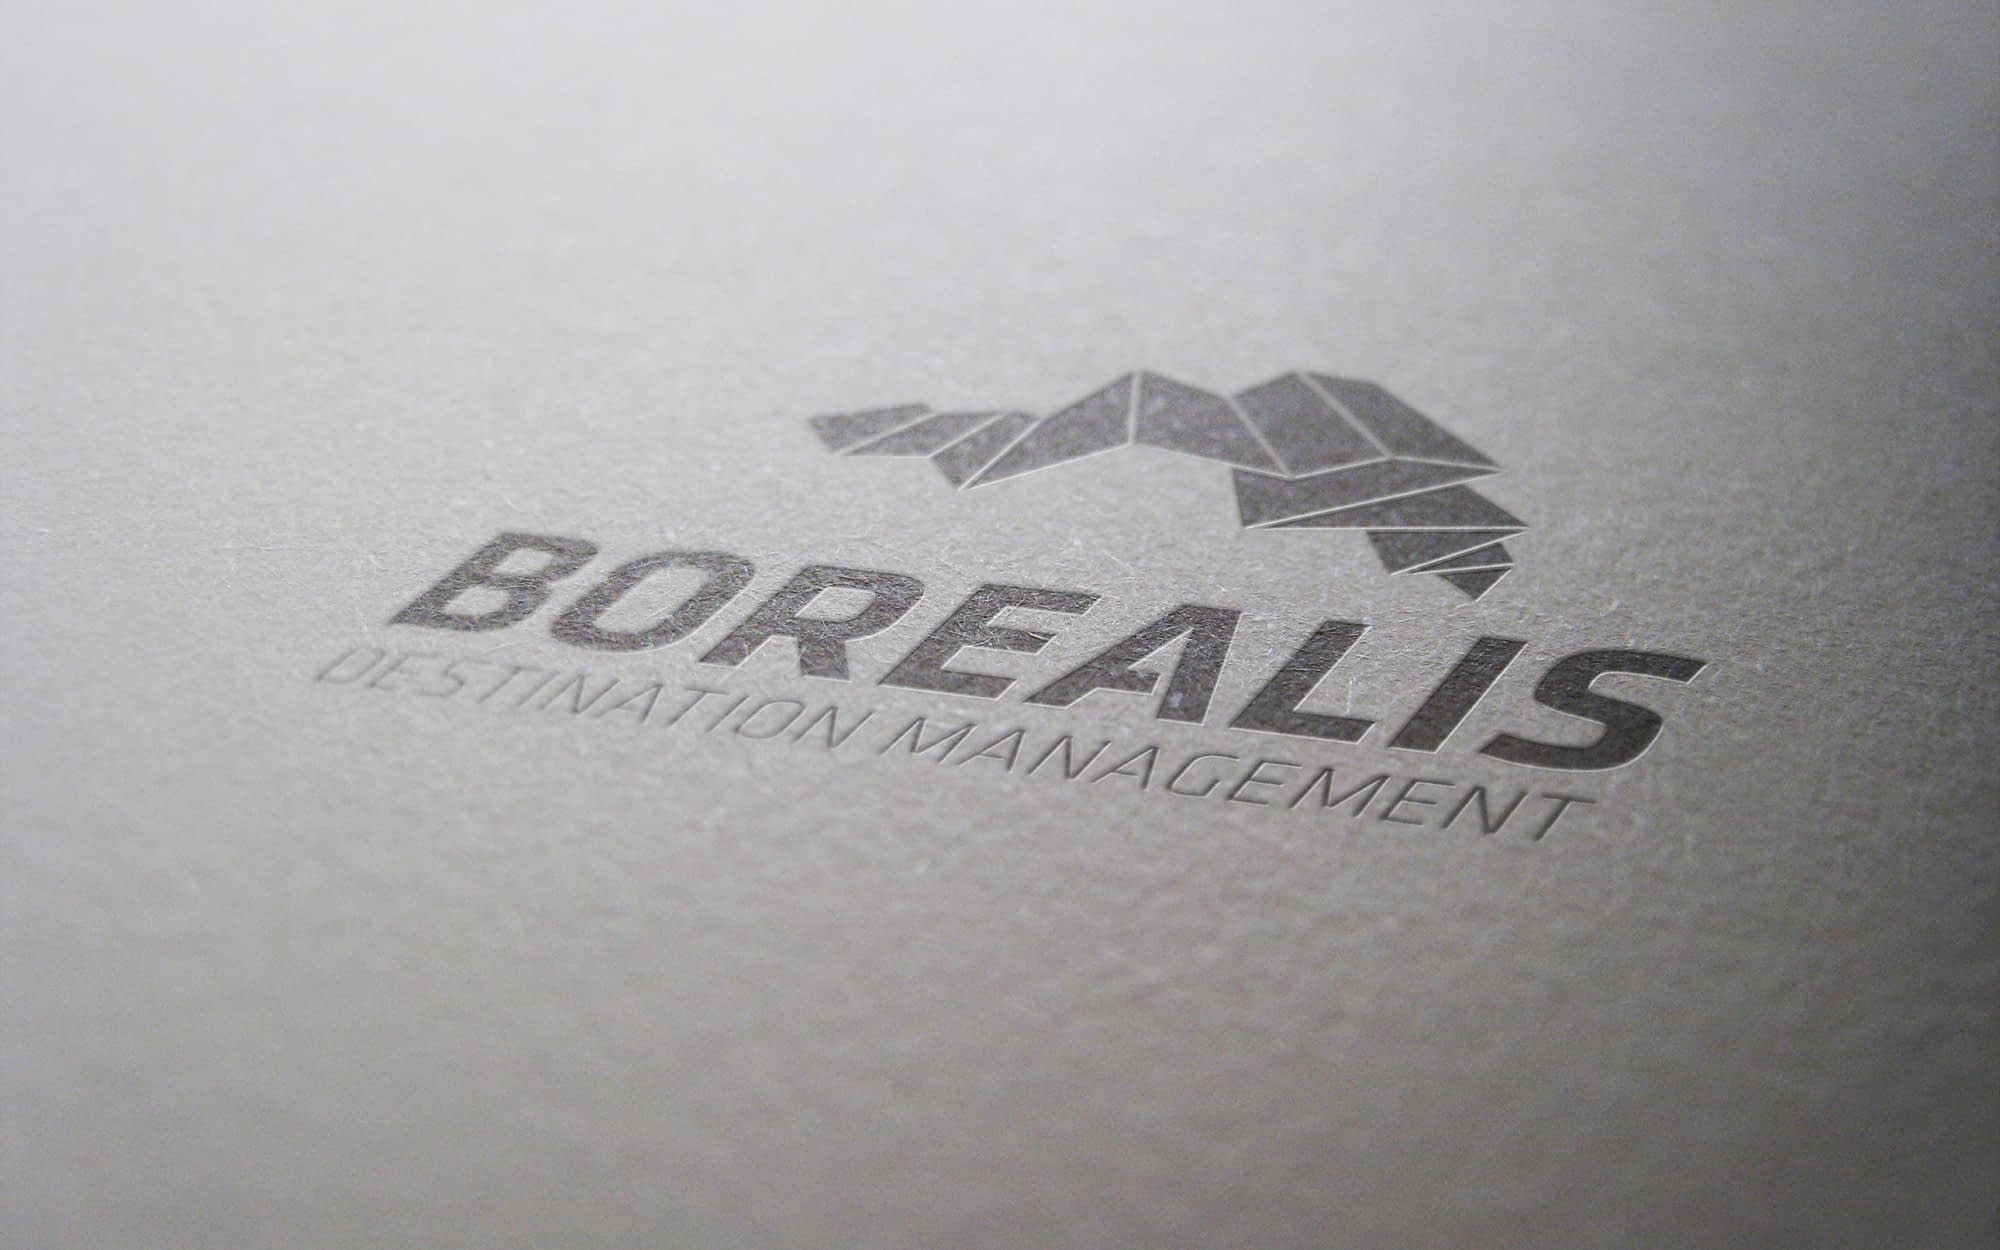 Logodesign som del af visuel identitet til Borealis